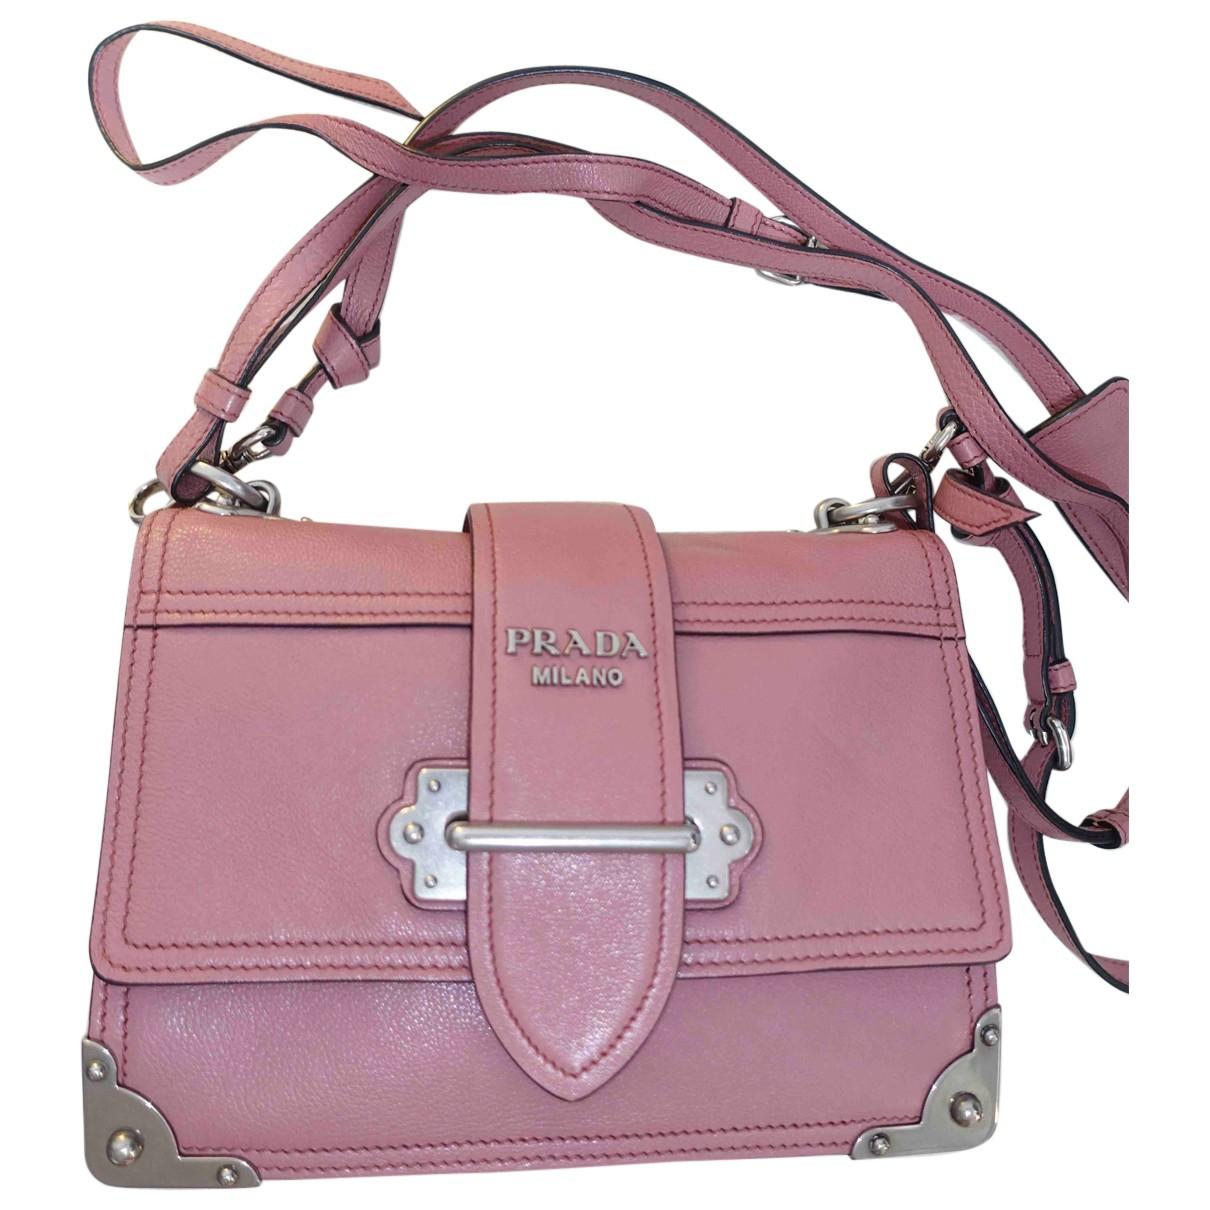 Prada - Sac a main Cahier pour femme en cuir - rose